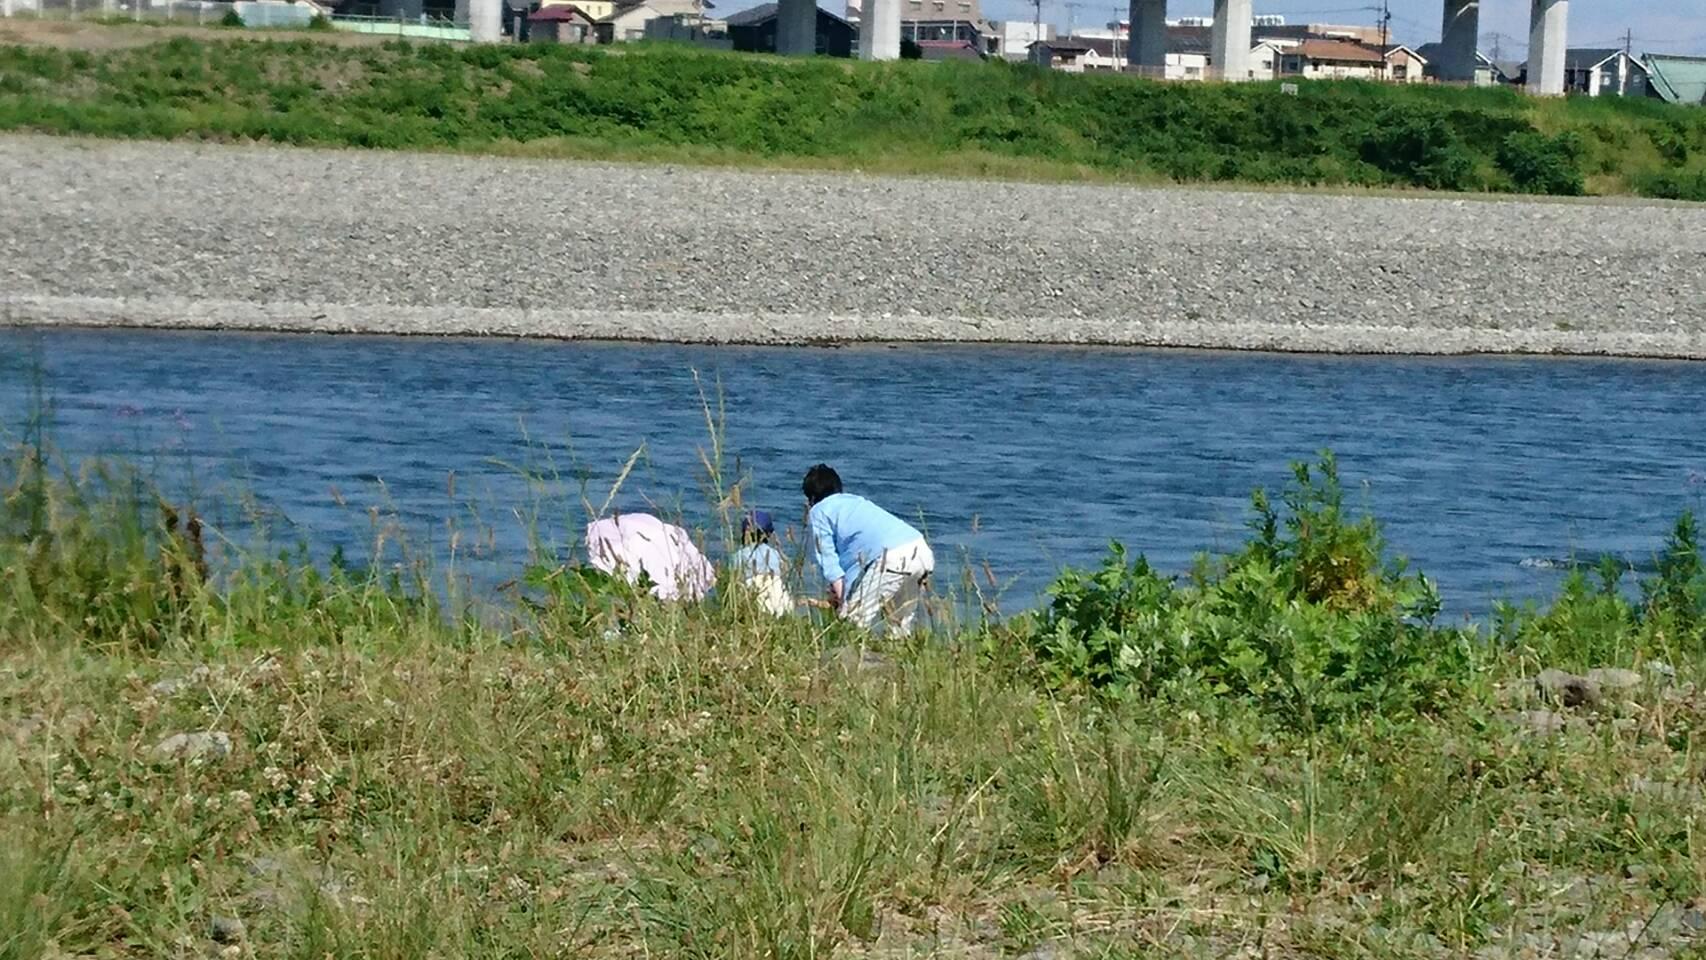 ジュージューボーイもって河原でバーベキュー